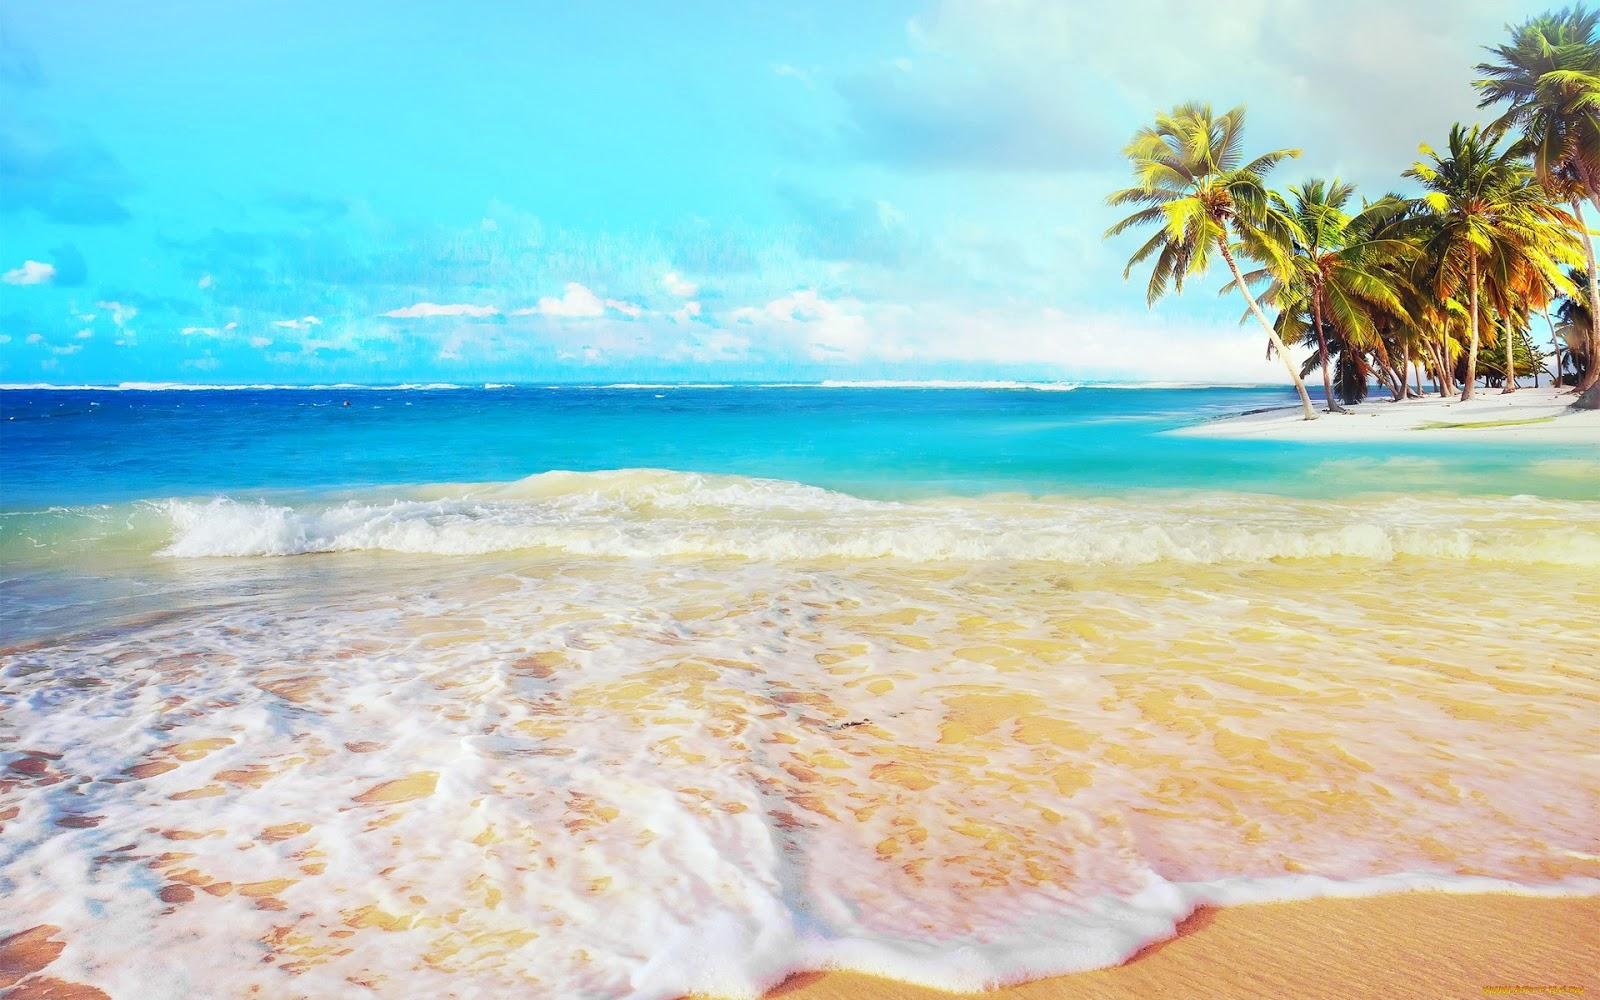 Unique wallpaper 30 fotos de playas tropicales con agua cristalina sol palmeras y arenas - Playa wallpaper ...